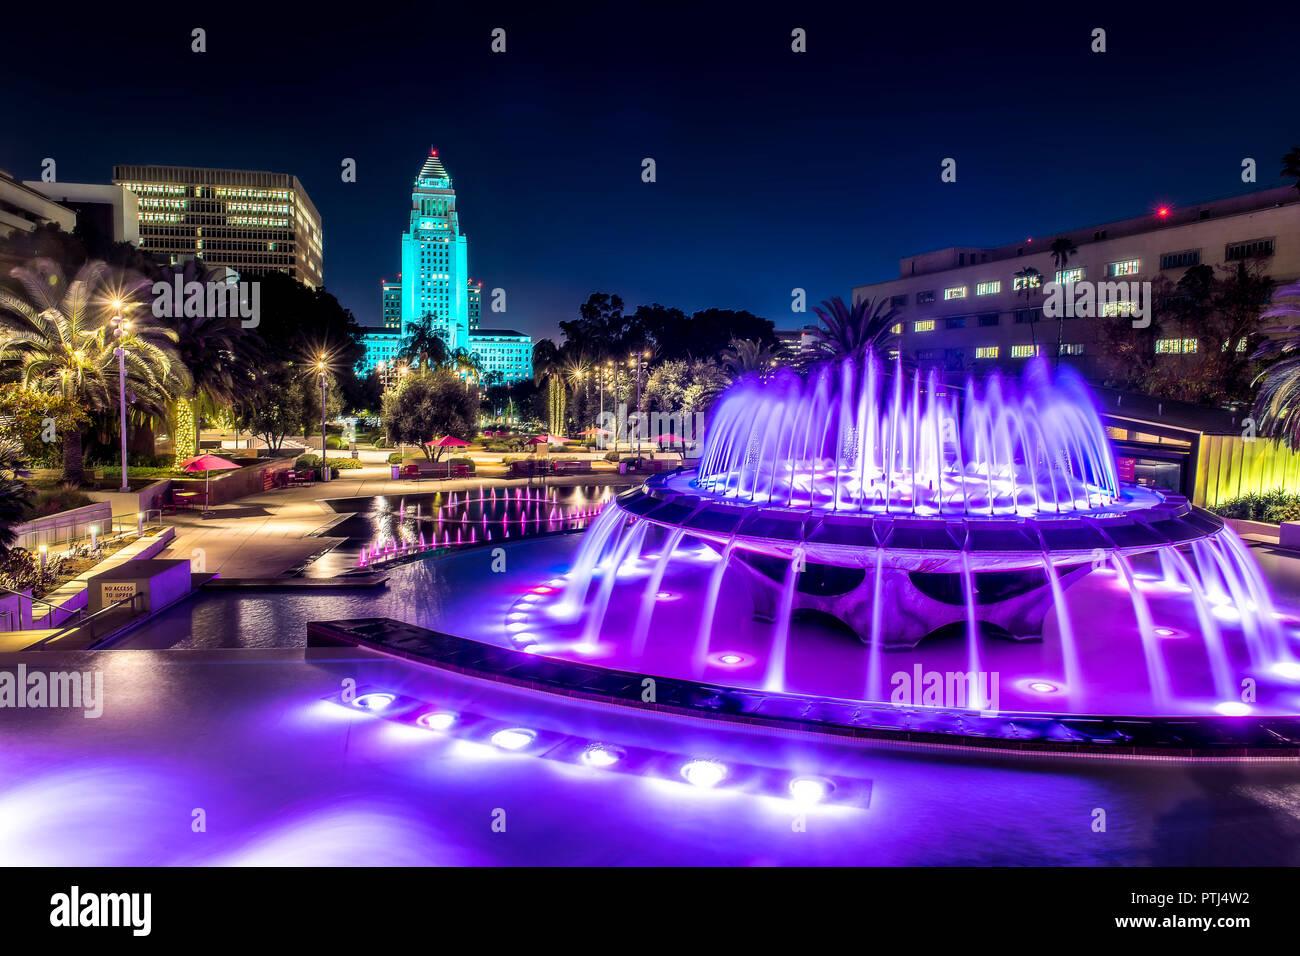 fountain-at-night-PTJ4W2.jpg